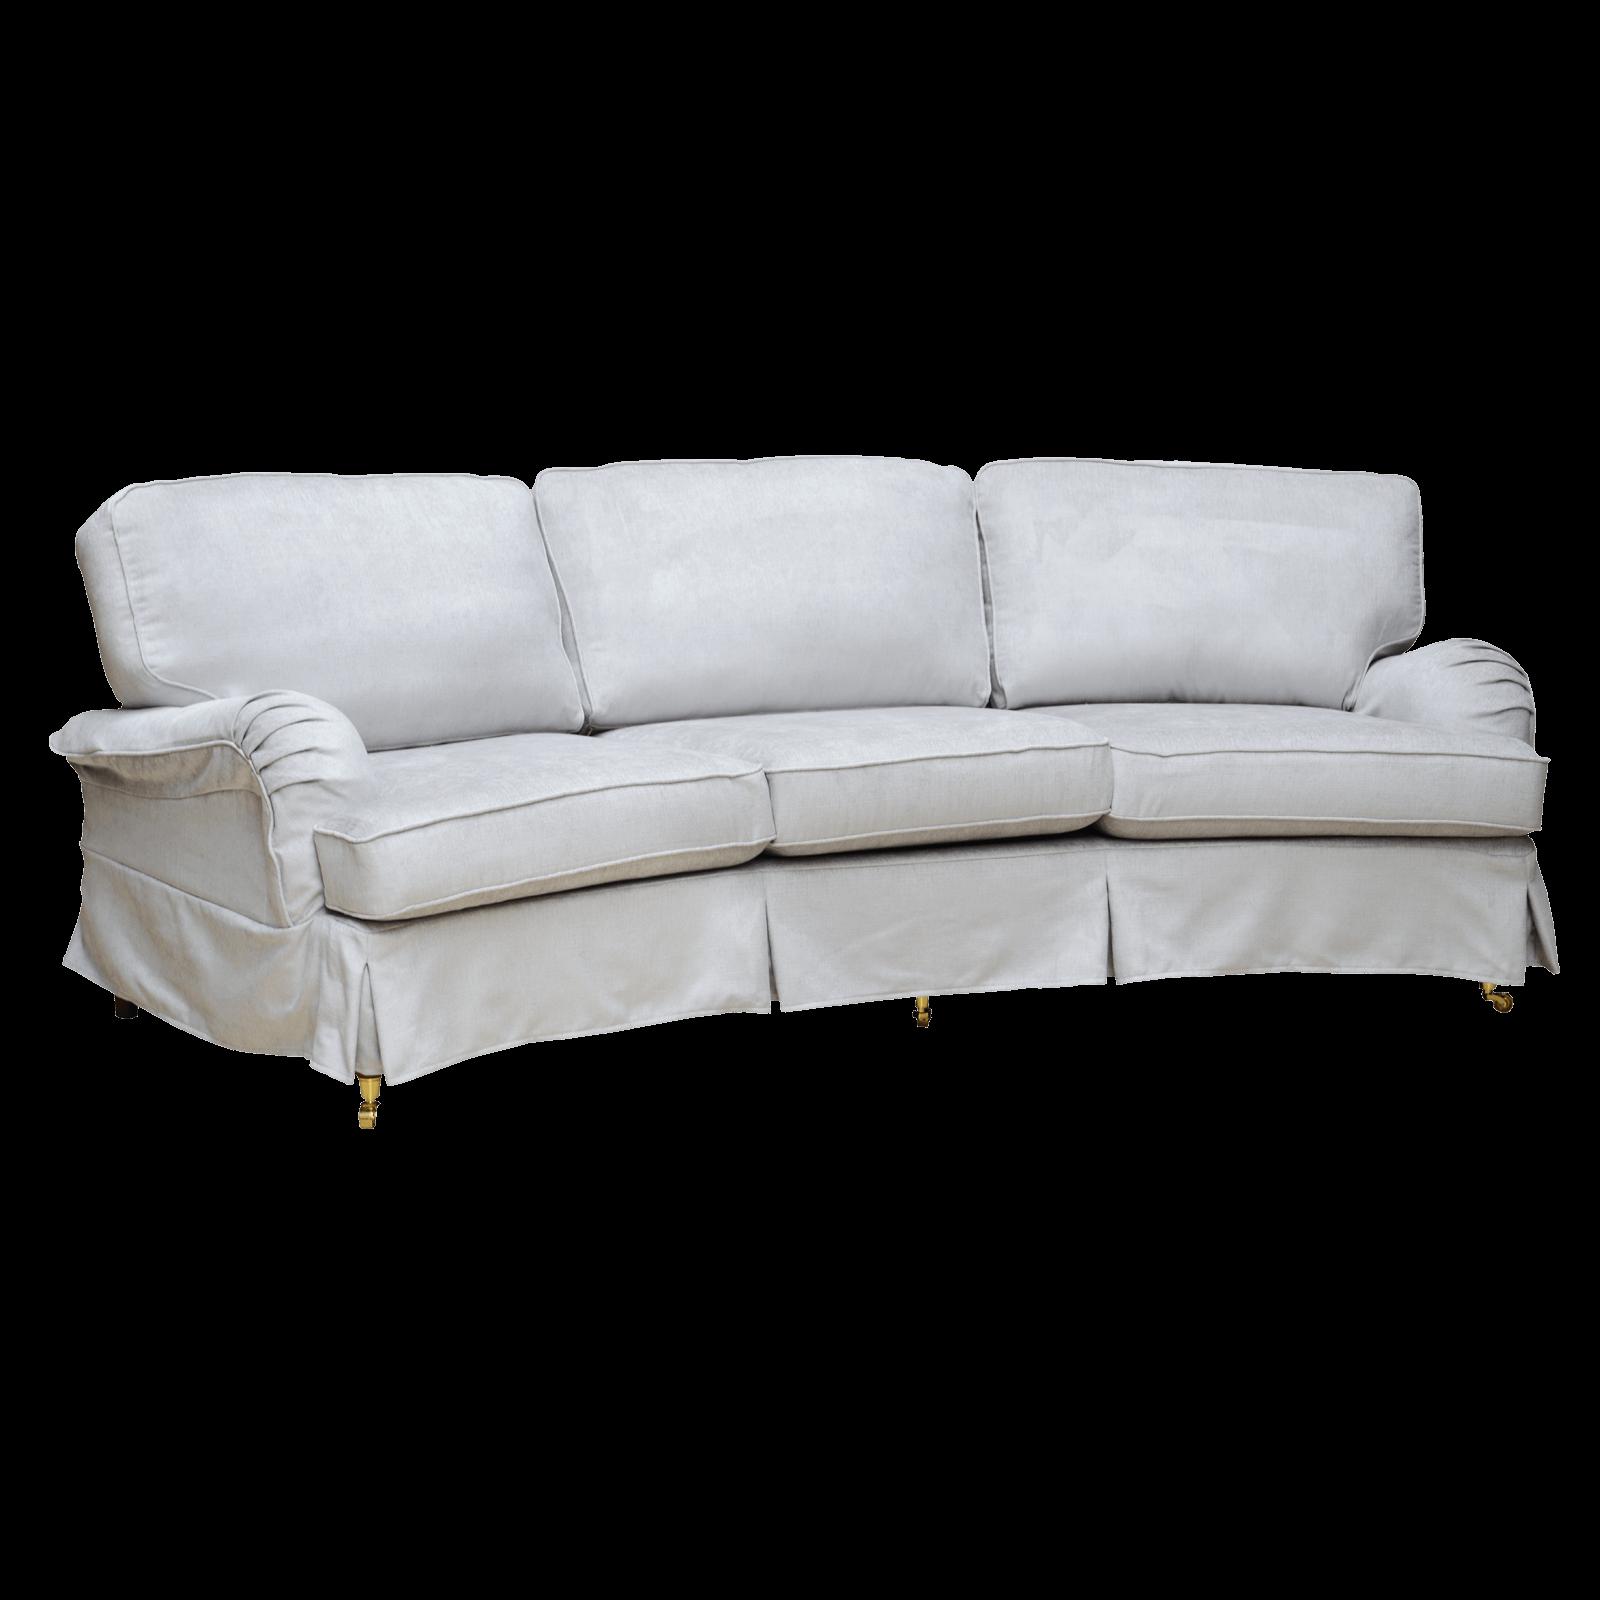 3 sitzer birmingham geschwungen mit husse ph nix sch ner leben. Black Bedroom Furniture Sets. Home Design Ideas